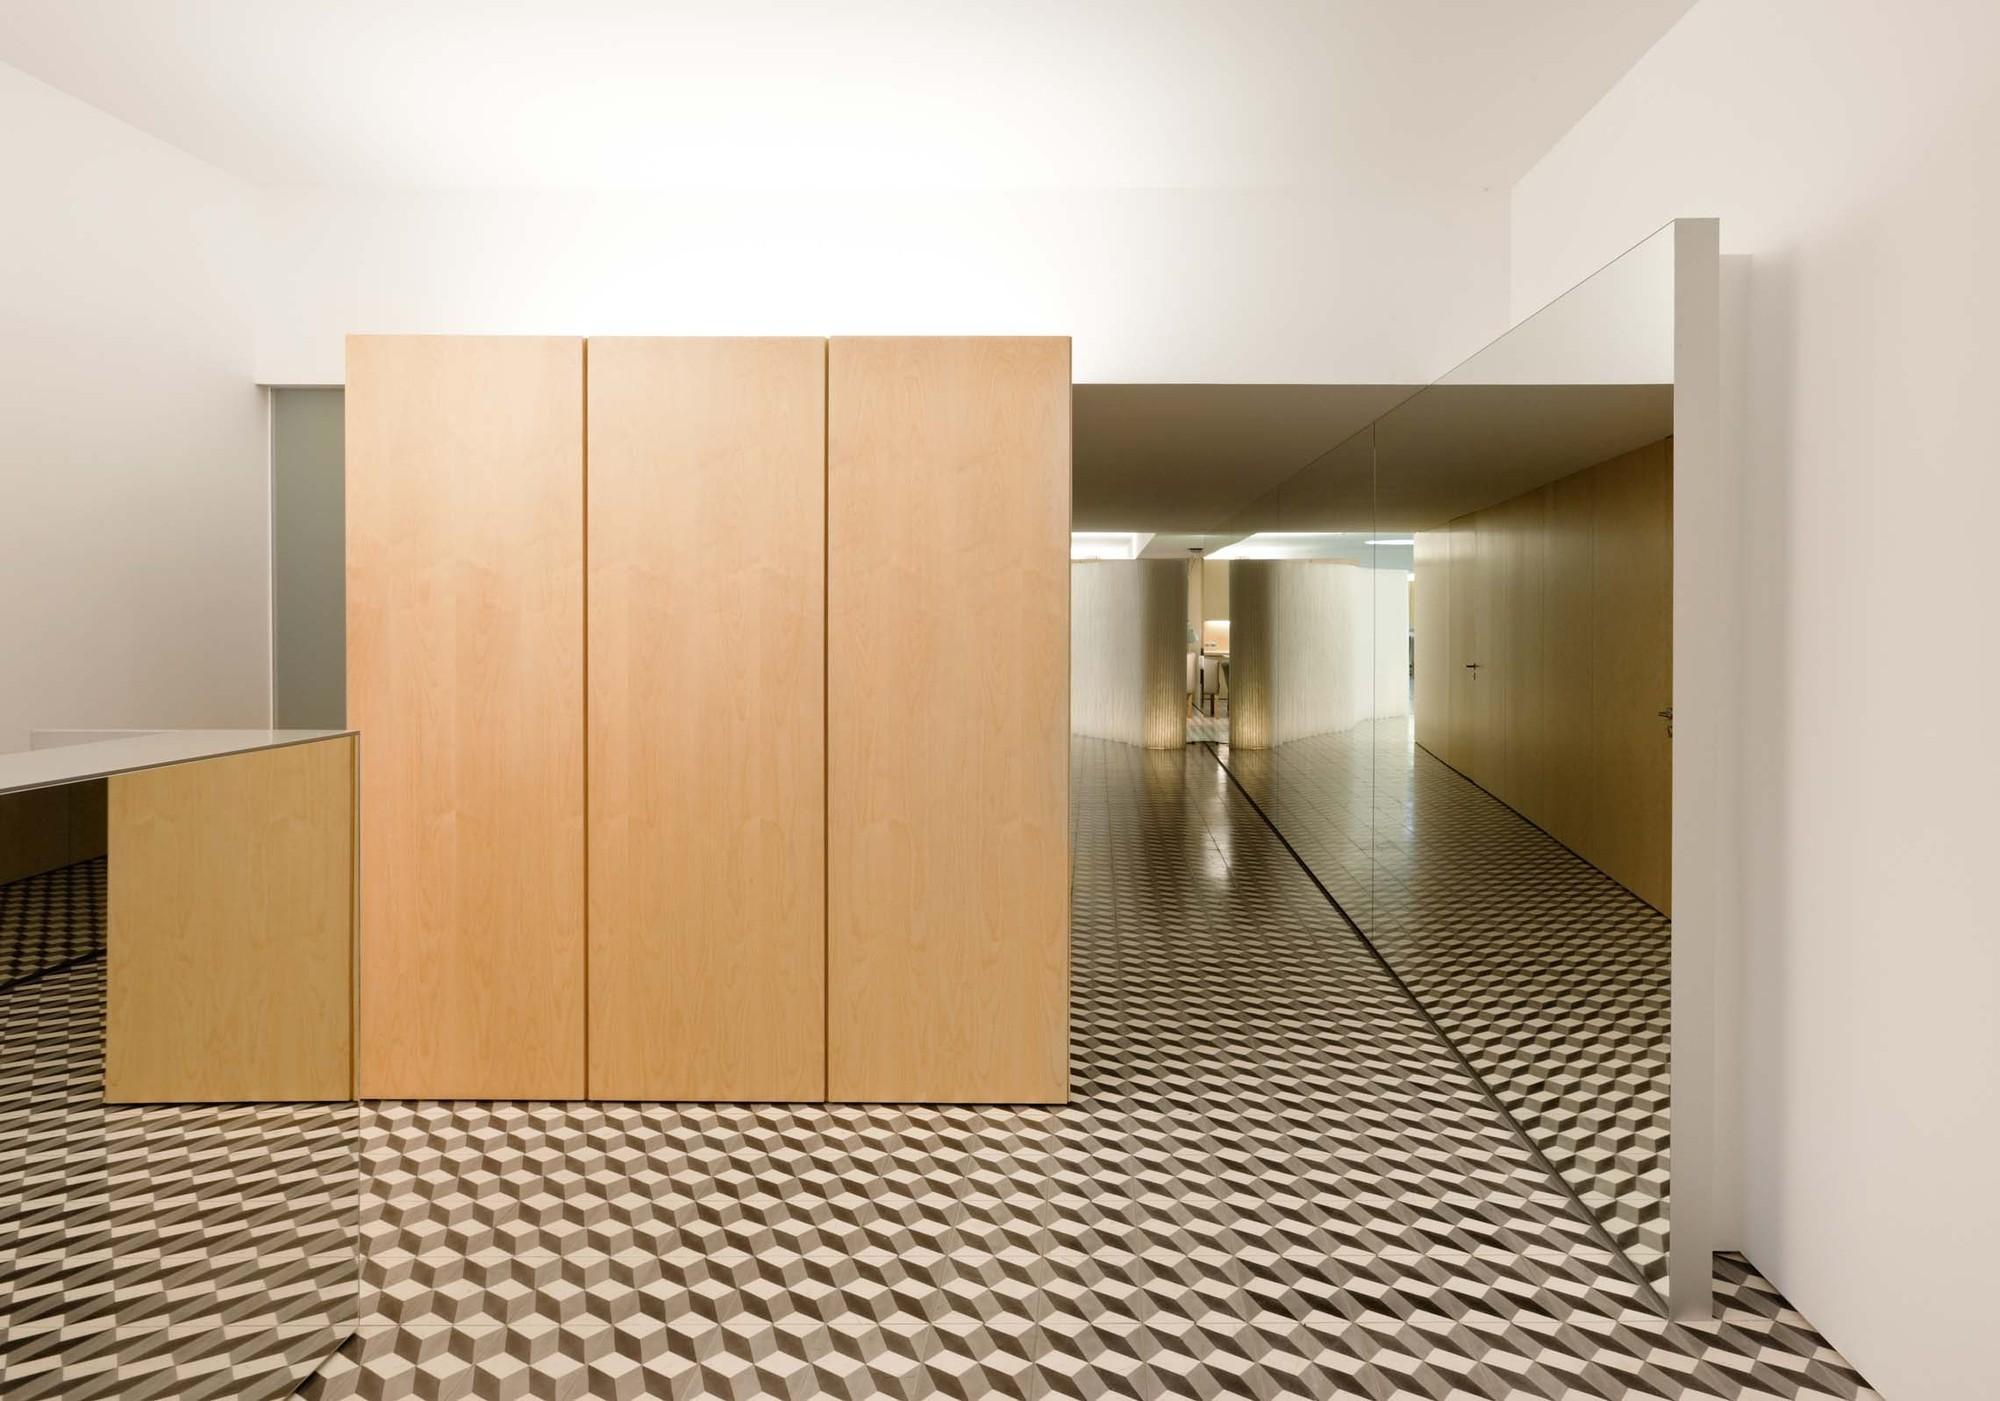 Peluquería  / CorreiaRagazzi arquitectos, © Luís Ferreira Alves